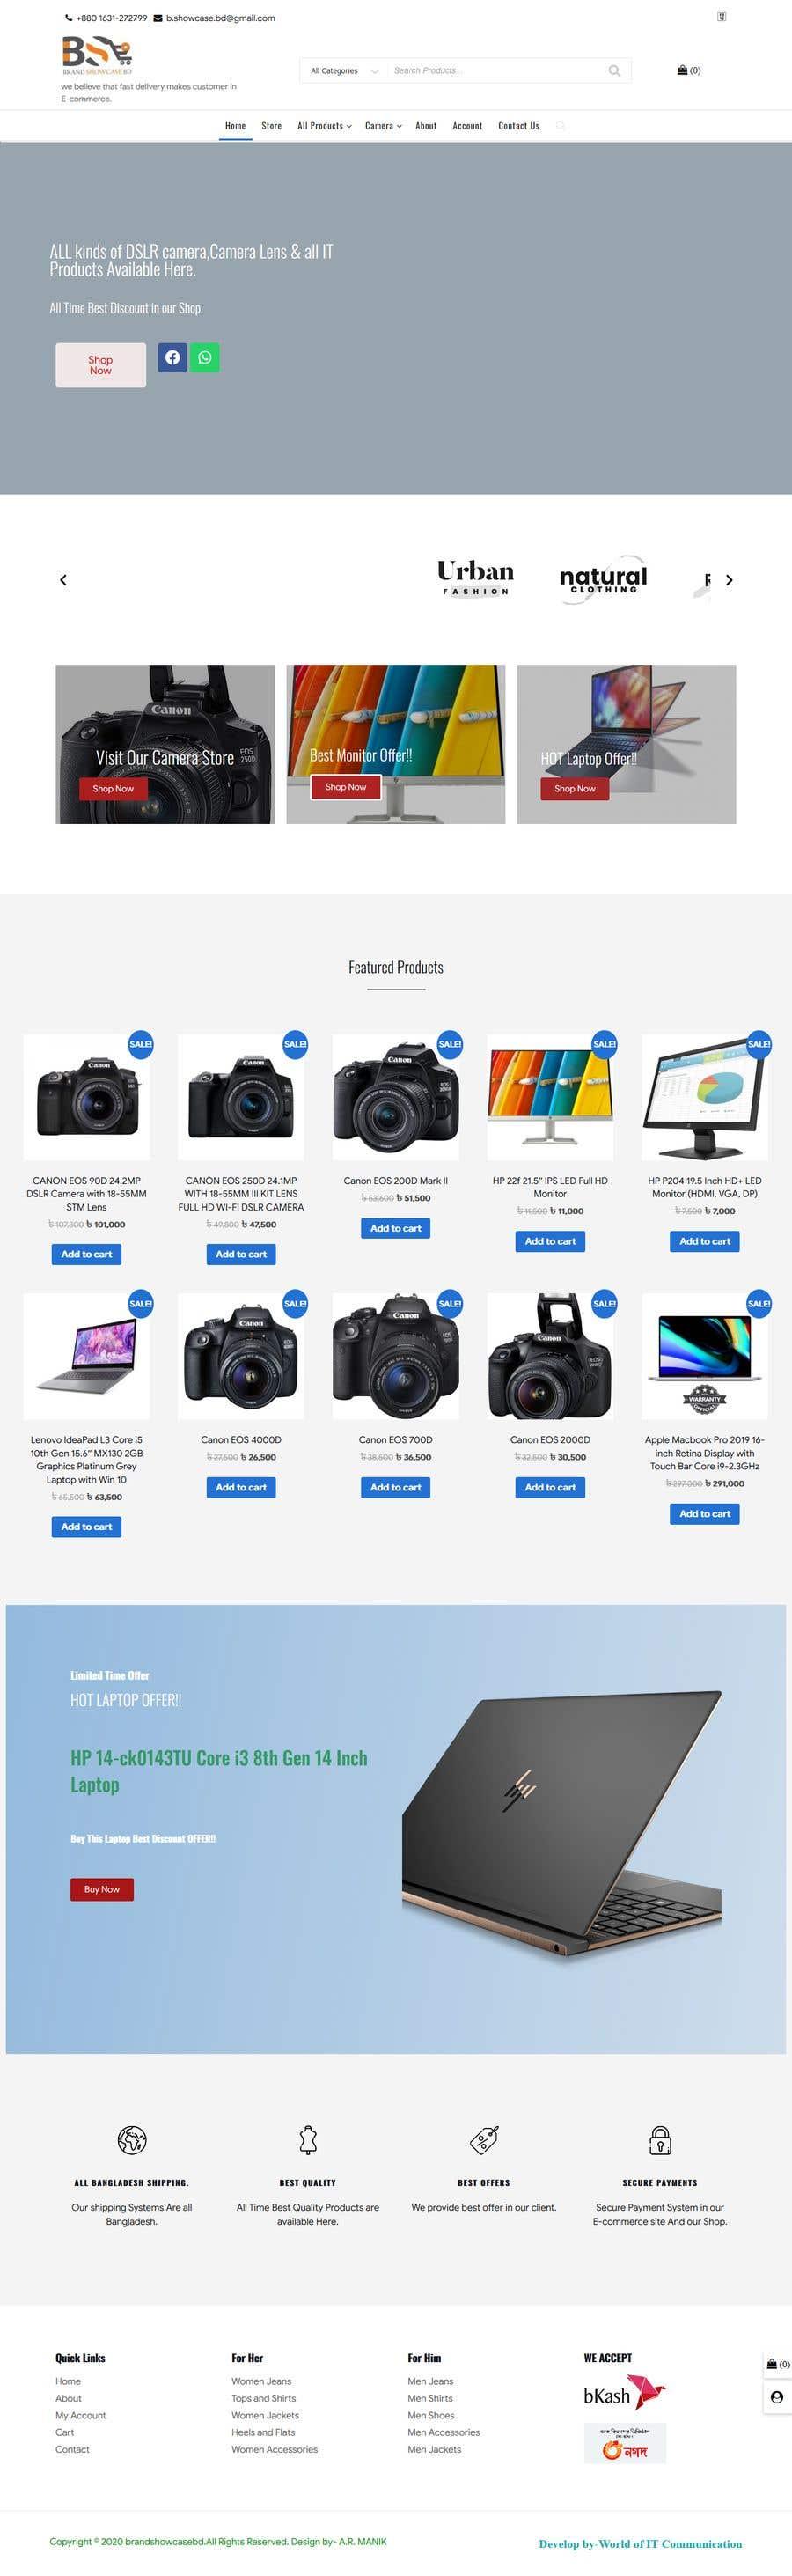 Penyertaan Peraduan #                                        34                                      untuk                                         Web Page Redesign